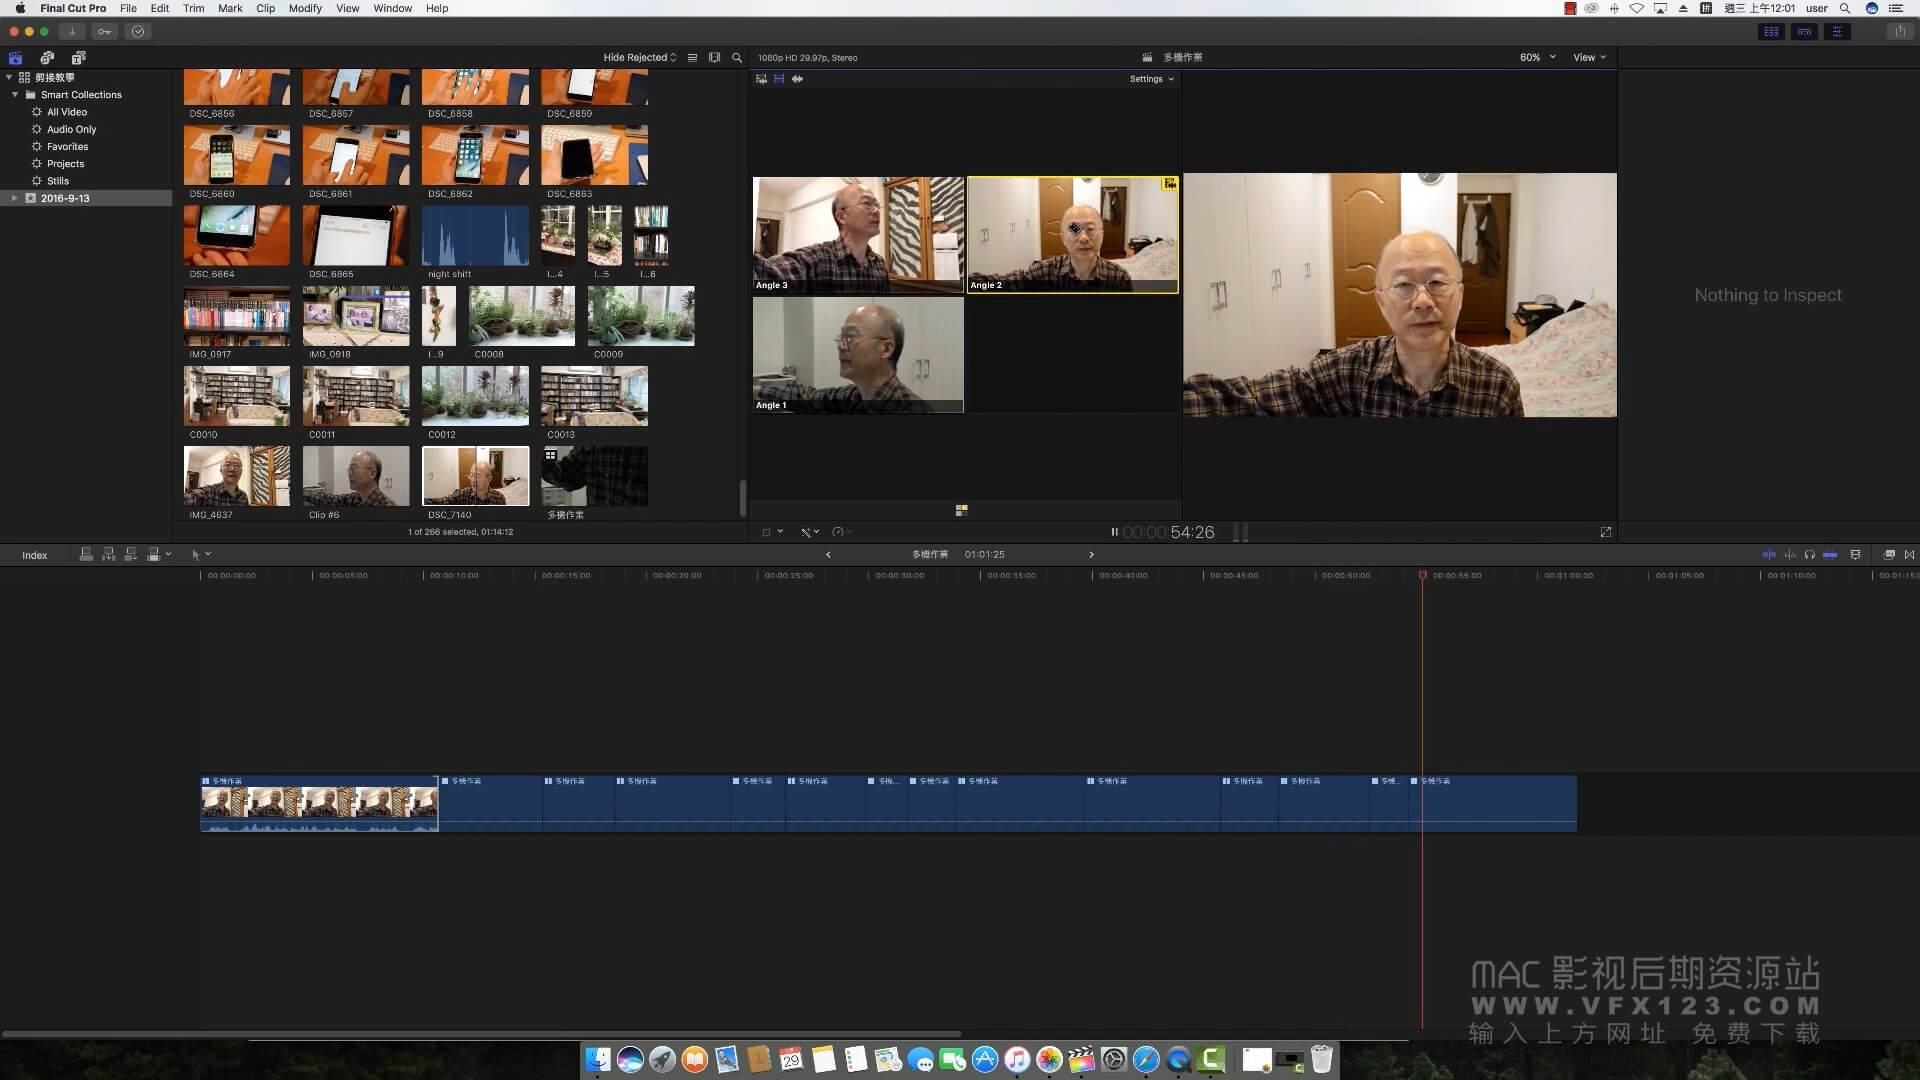 第51课: 如何在Final Cut Pro X中进行多机位剪辑